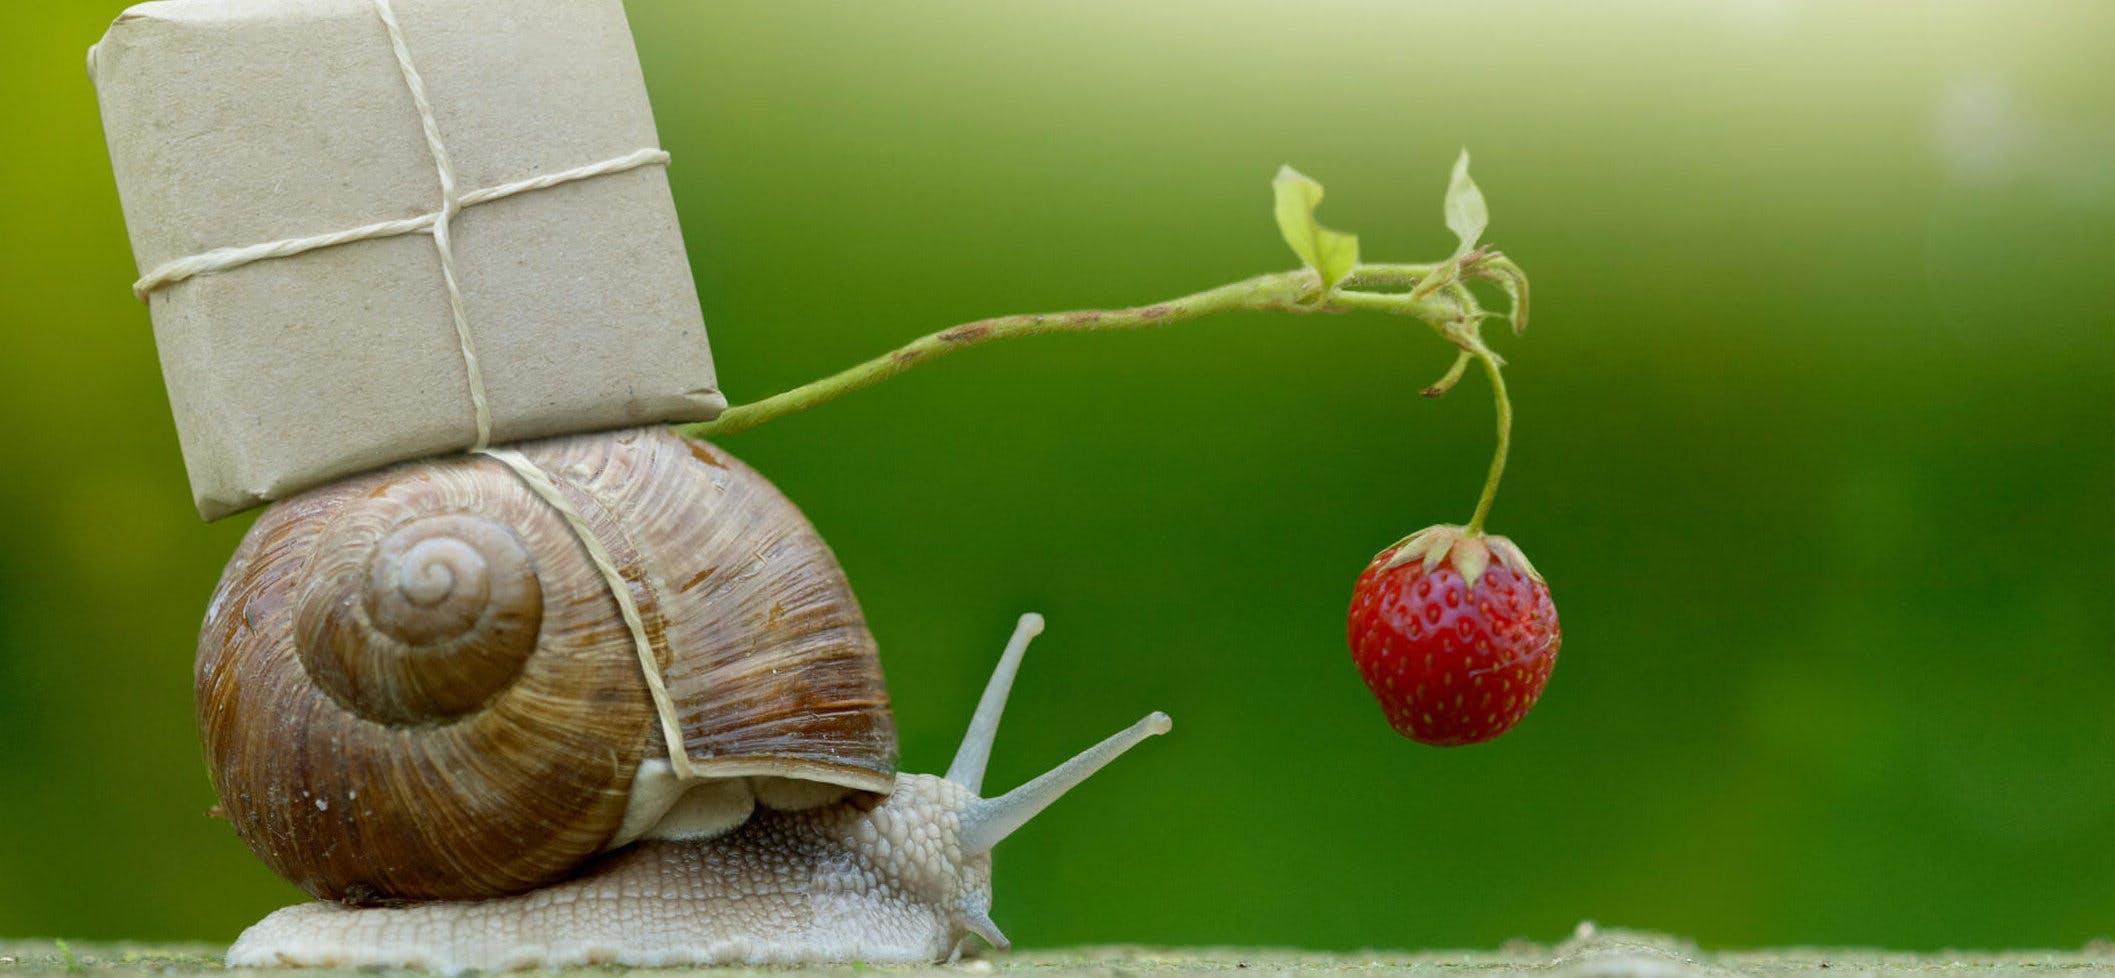 Titelbild-Schnecke-Erdbeere-langsam-rennen-iStock-610224946